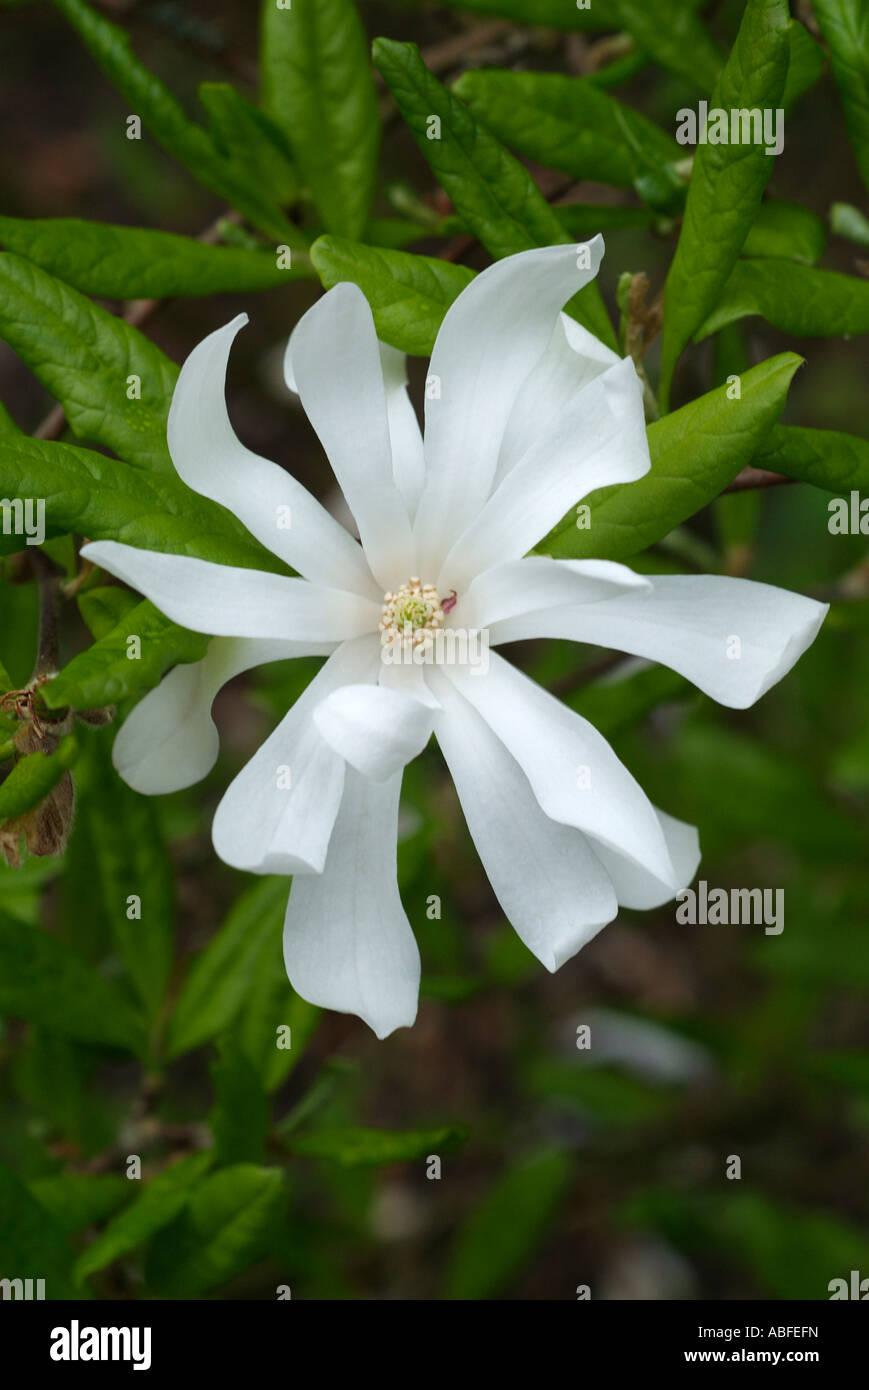 Magnolia Stelata Baum Strauch Holz holzigen weißen Stern Blume Frühling blühende Blume Blütenblatt länglich Blüte Blüte Stockfoto